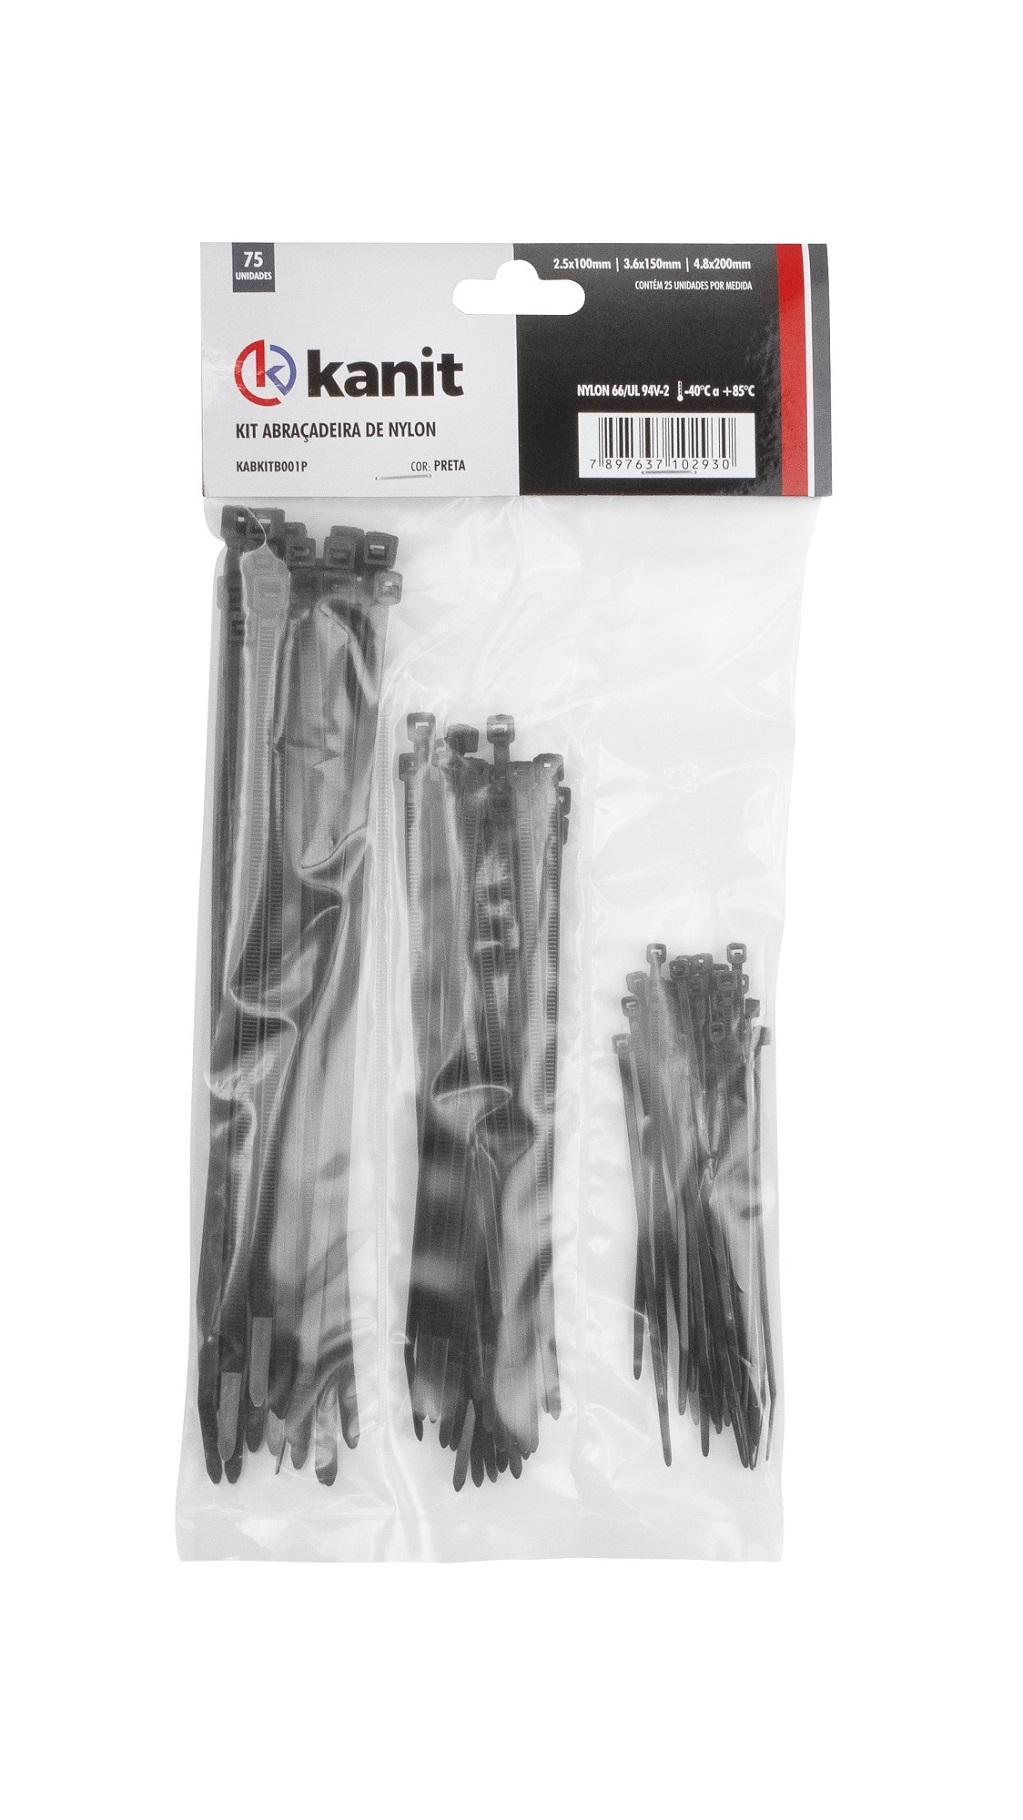 Kit (75 x Fitas Abraçadeiras) (Nylon)  21, 35, 50  mm